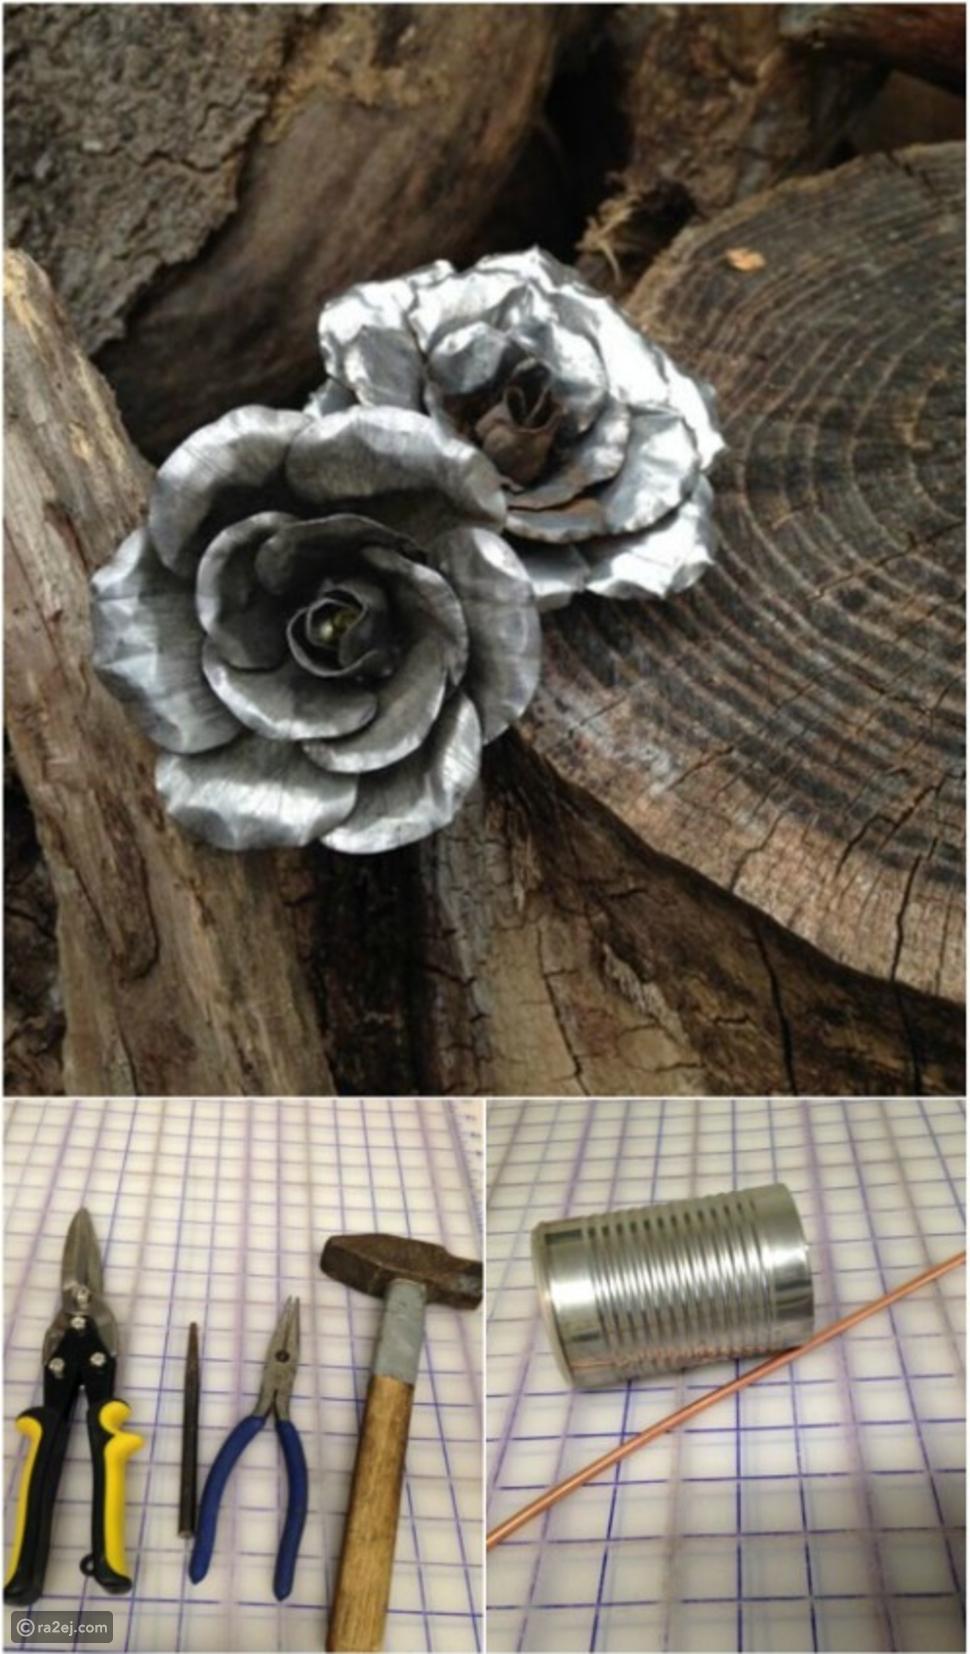 تكوين مجسمات جمالية بالعلب المعدنية